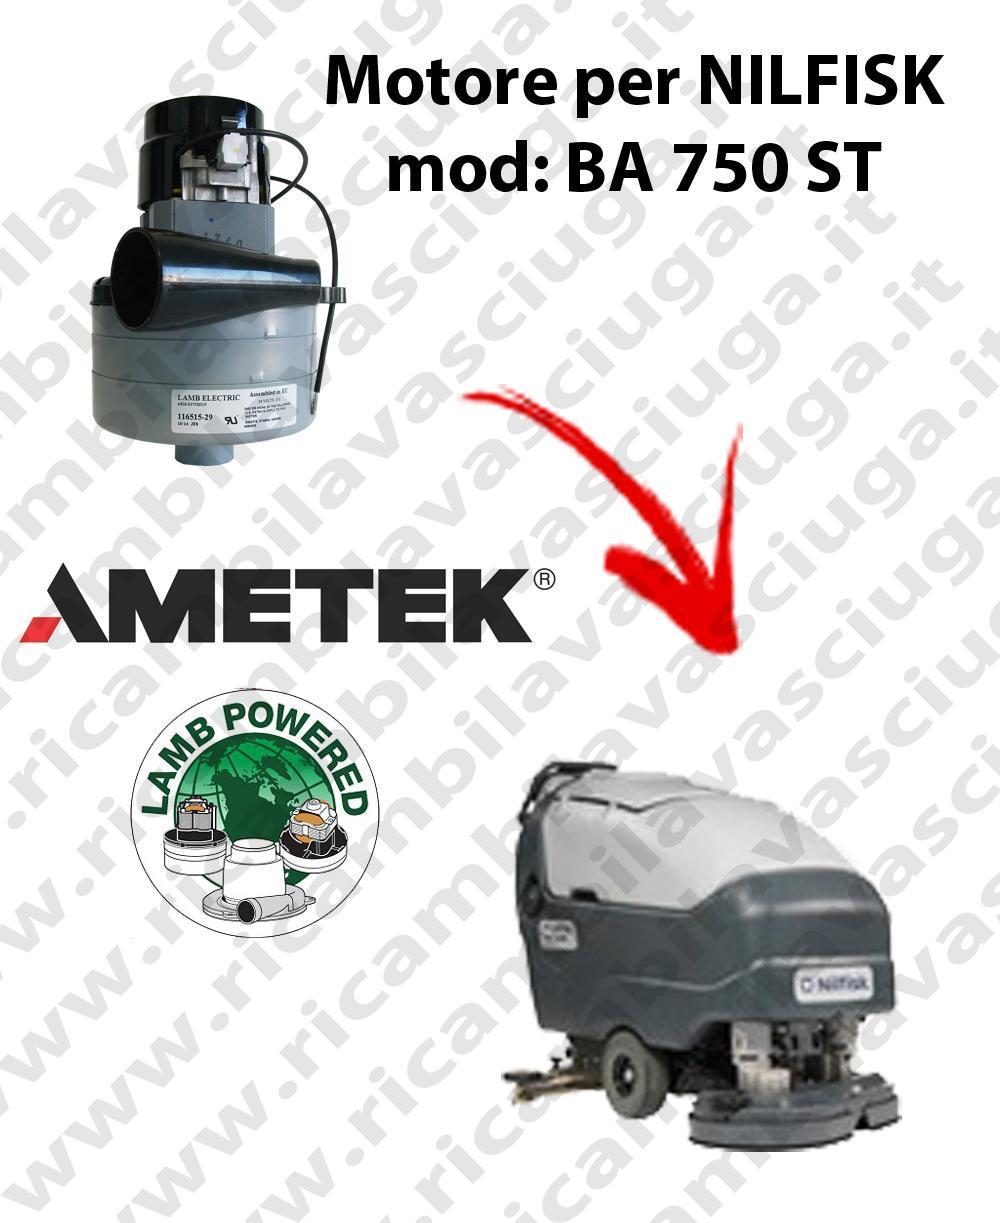 BA 750 ST Vacuum motor LAMB AMETEK for scrubber dryer NILFISK